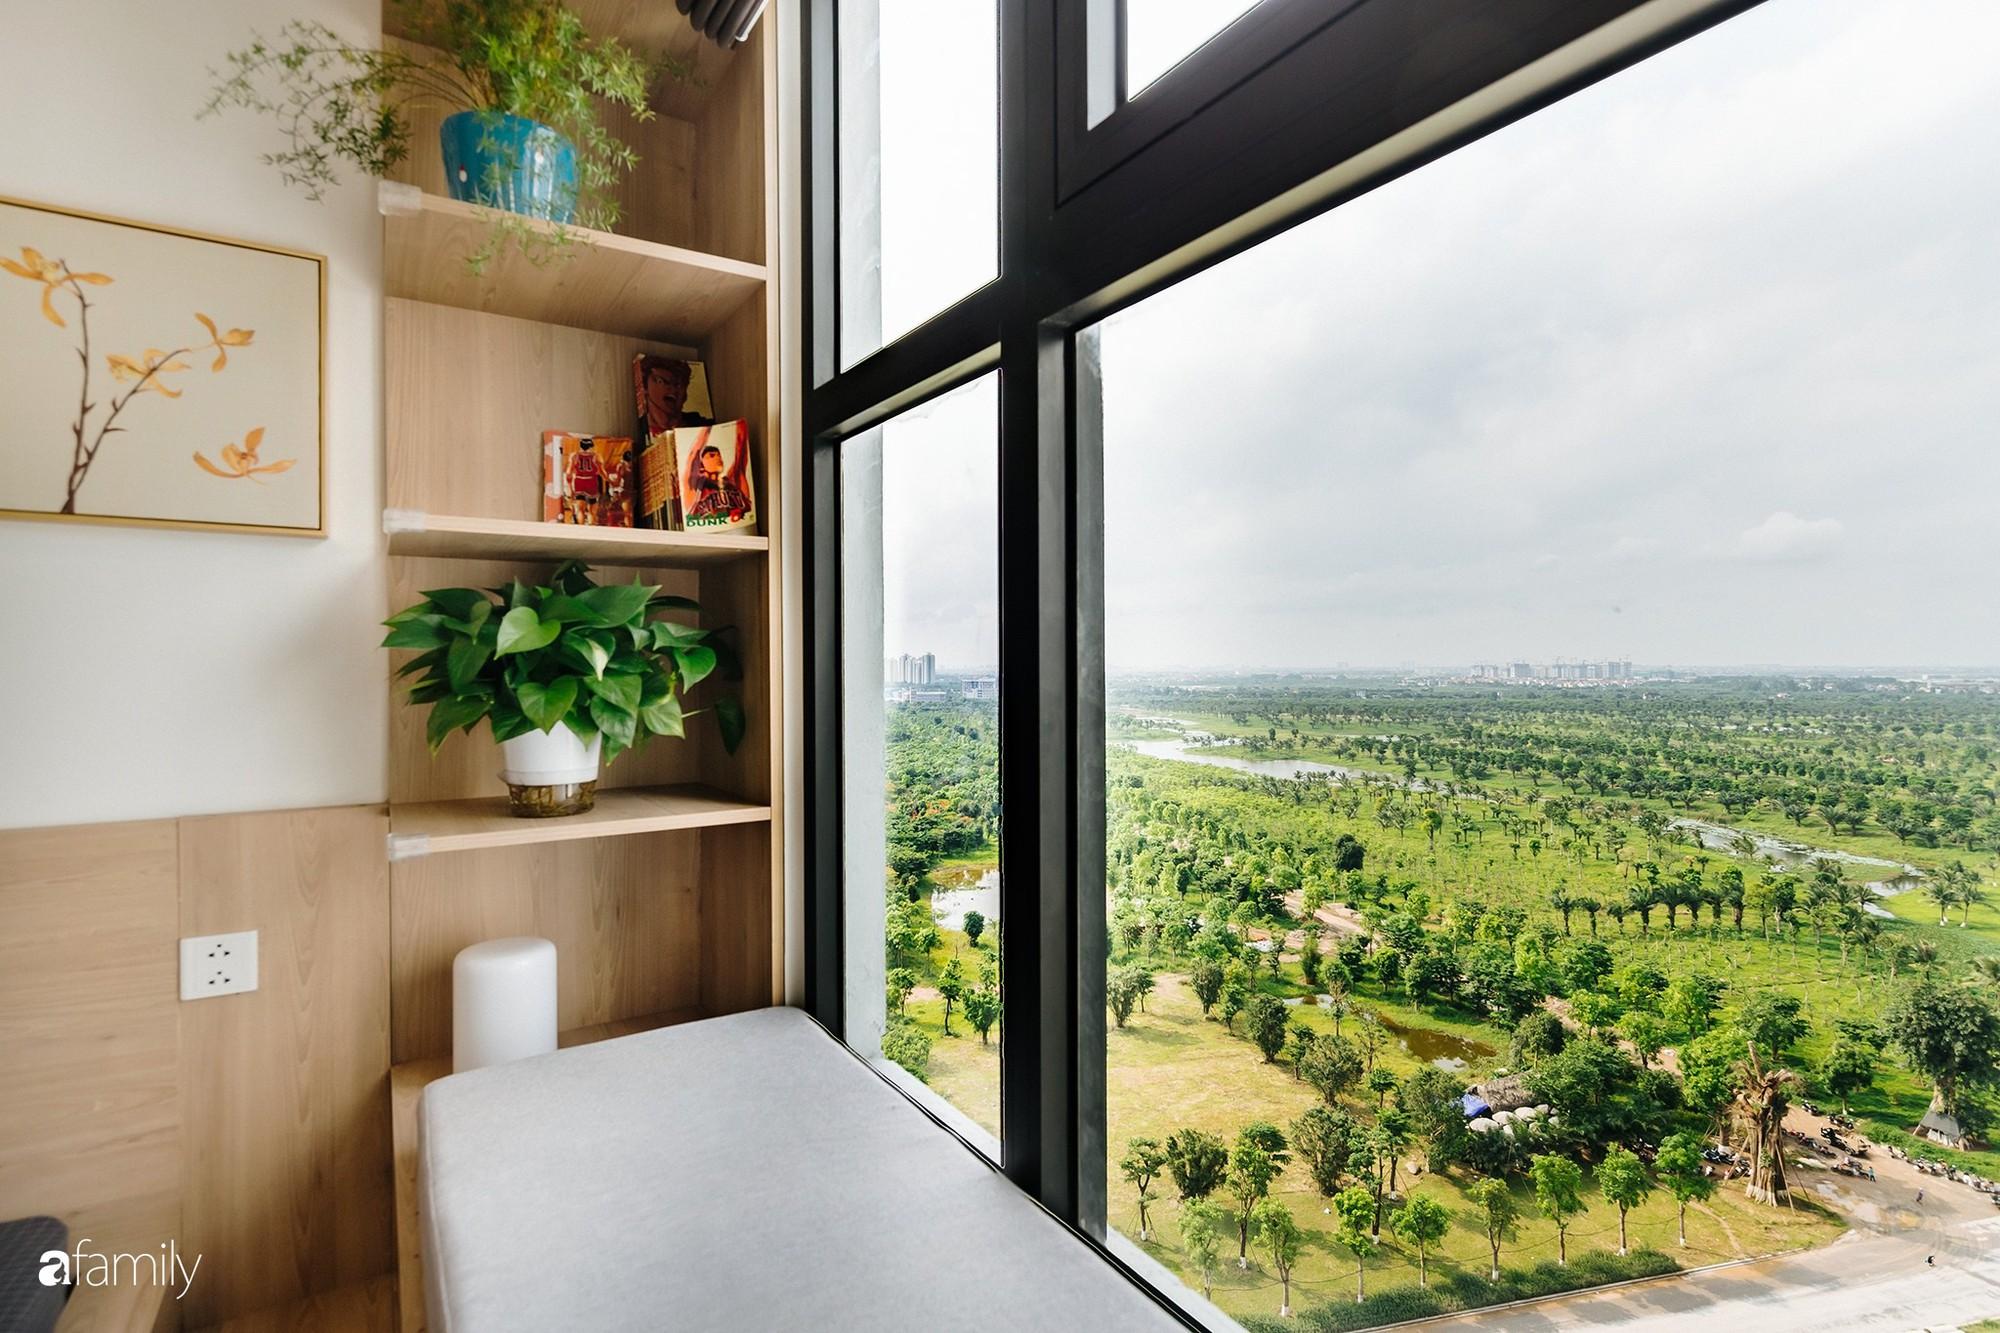 Căn hộ nhỏ thiết kế theo phong cách Nhật của cặp vợ chồng trẻ yêu thích cuộc sống an yên ở Hà Nội - Ảnh 12.